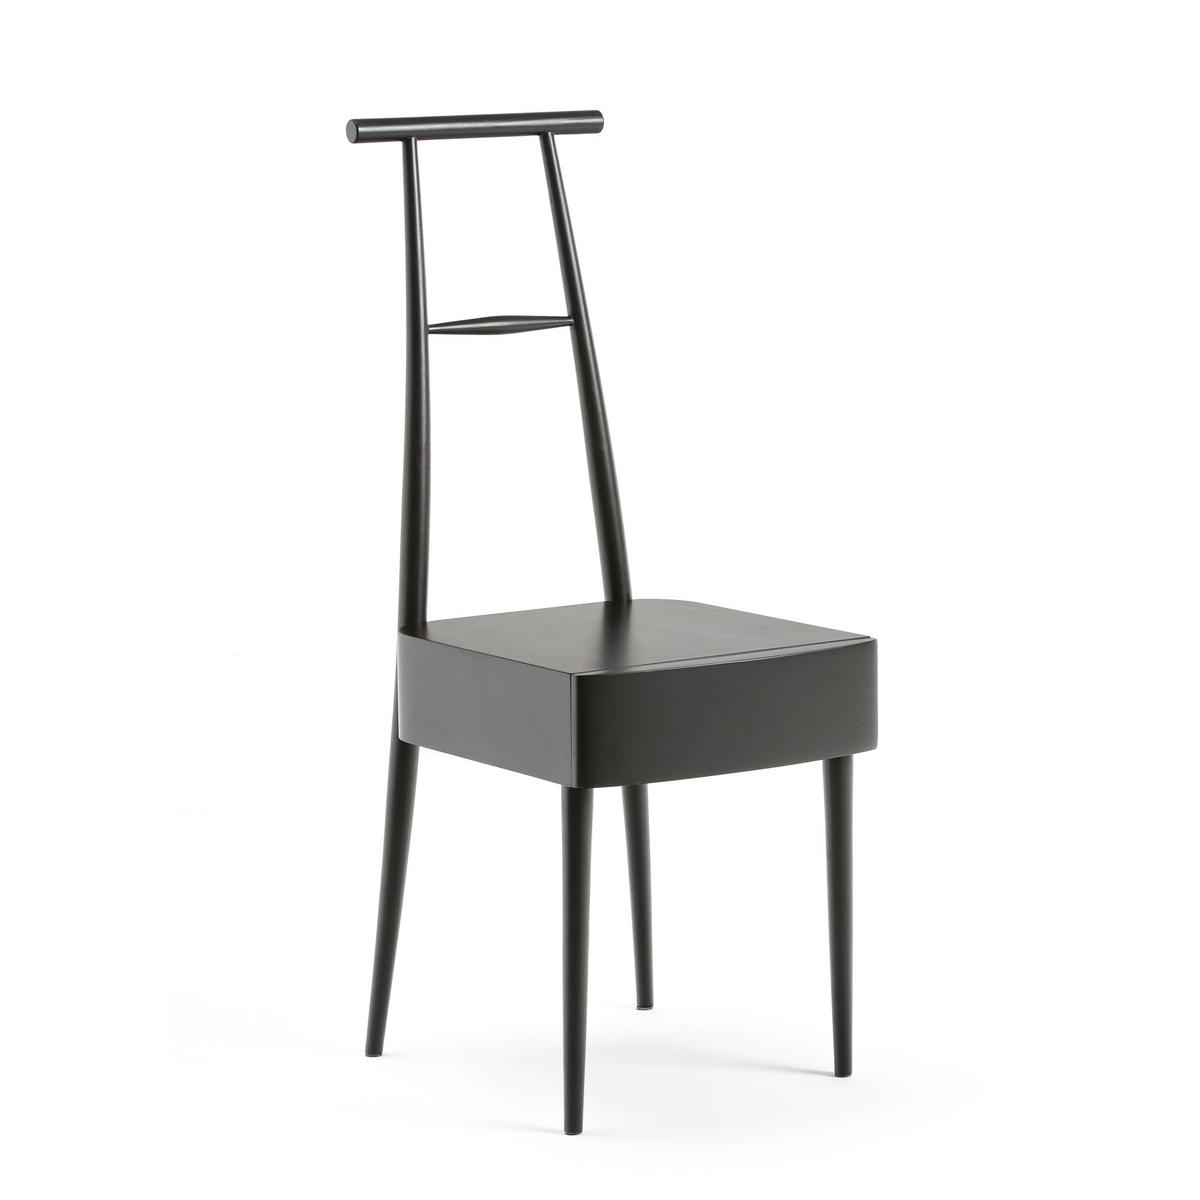 Столик прикроватный из массива сосны, Karab?Прикроватный столик Karab?. Оригинальный и красивый столик-стул послужит не только в этом качестве, но также как напольная вешалка.Описание : - Из массива сосны с полиуретановой и нитроцеллюлозной отделкой- 1 ящик - Поставляется в разобранном виде, инструкция по сборке прилагаетсяРазмеры : - Ш36 x В96,3 x Г44,3 см- Полезные размеры ящика : Ш29 x В5,6 x Г27 смРазмеры и вес упаковки: - Ш105 x В19 x Г44 см, 7,7 кг<br><br>Цвет: черный